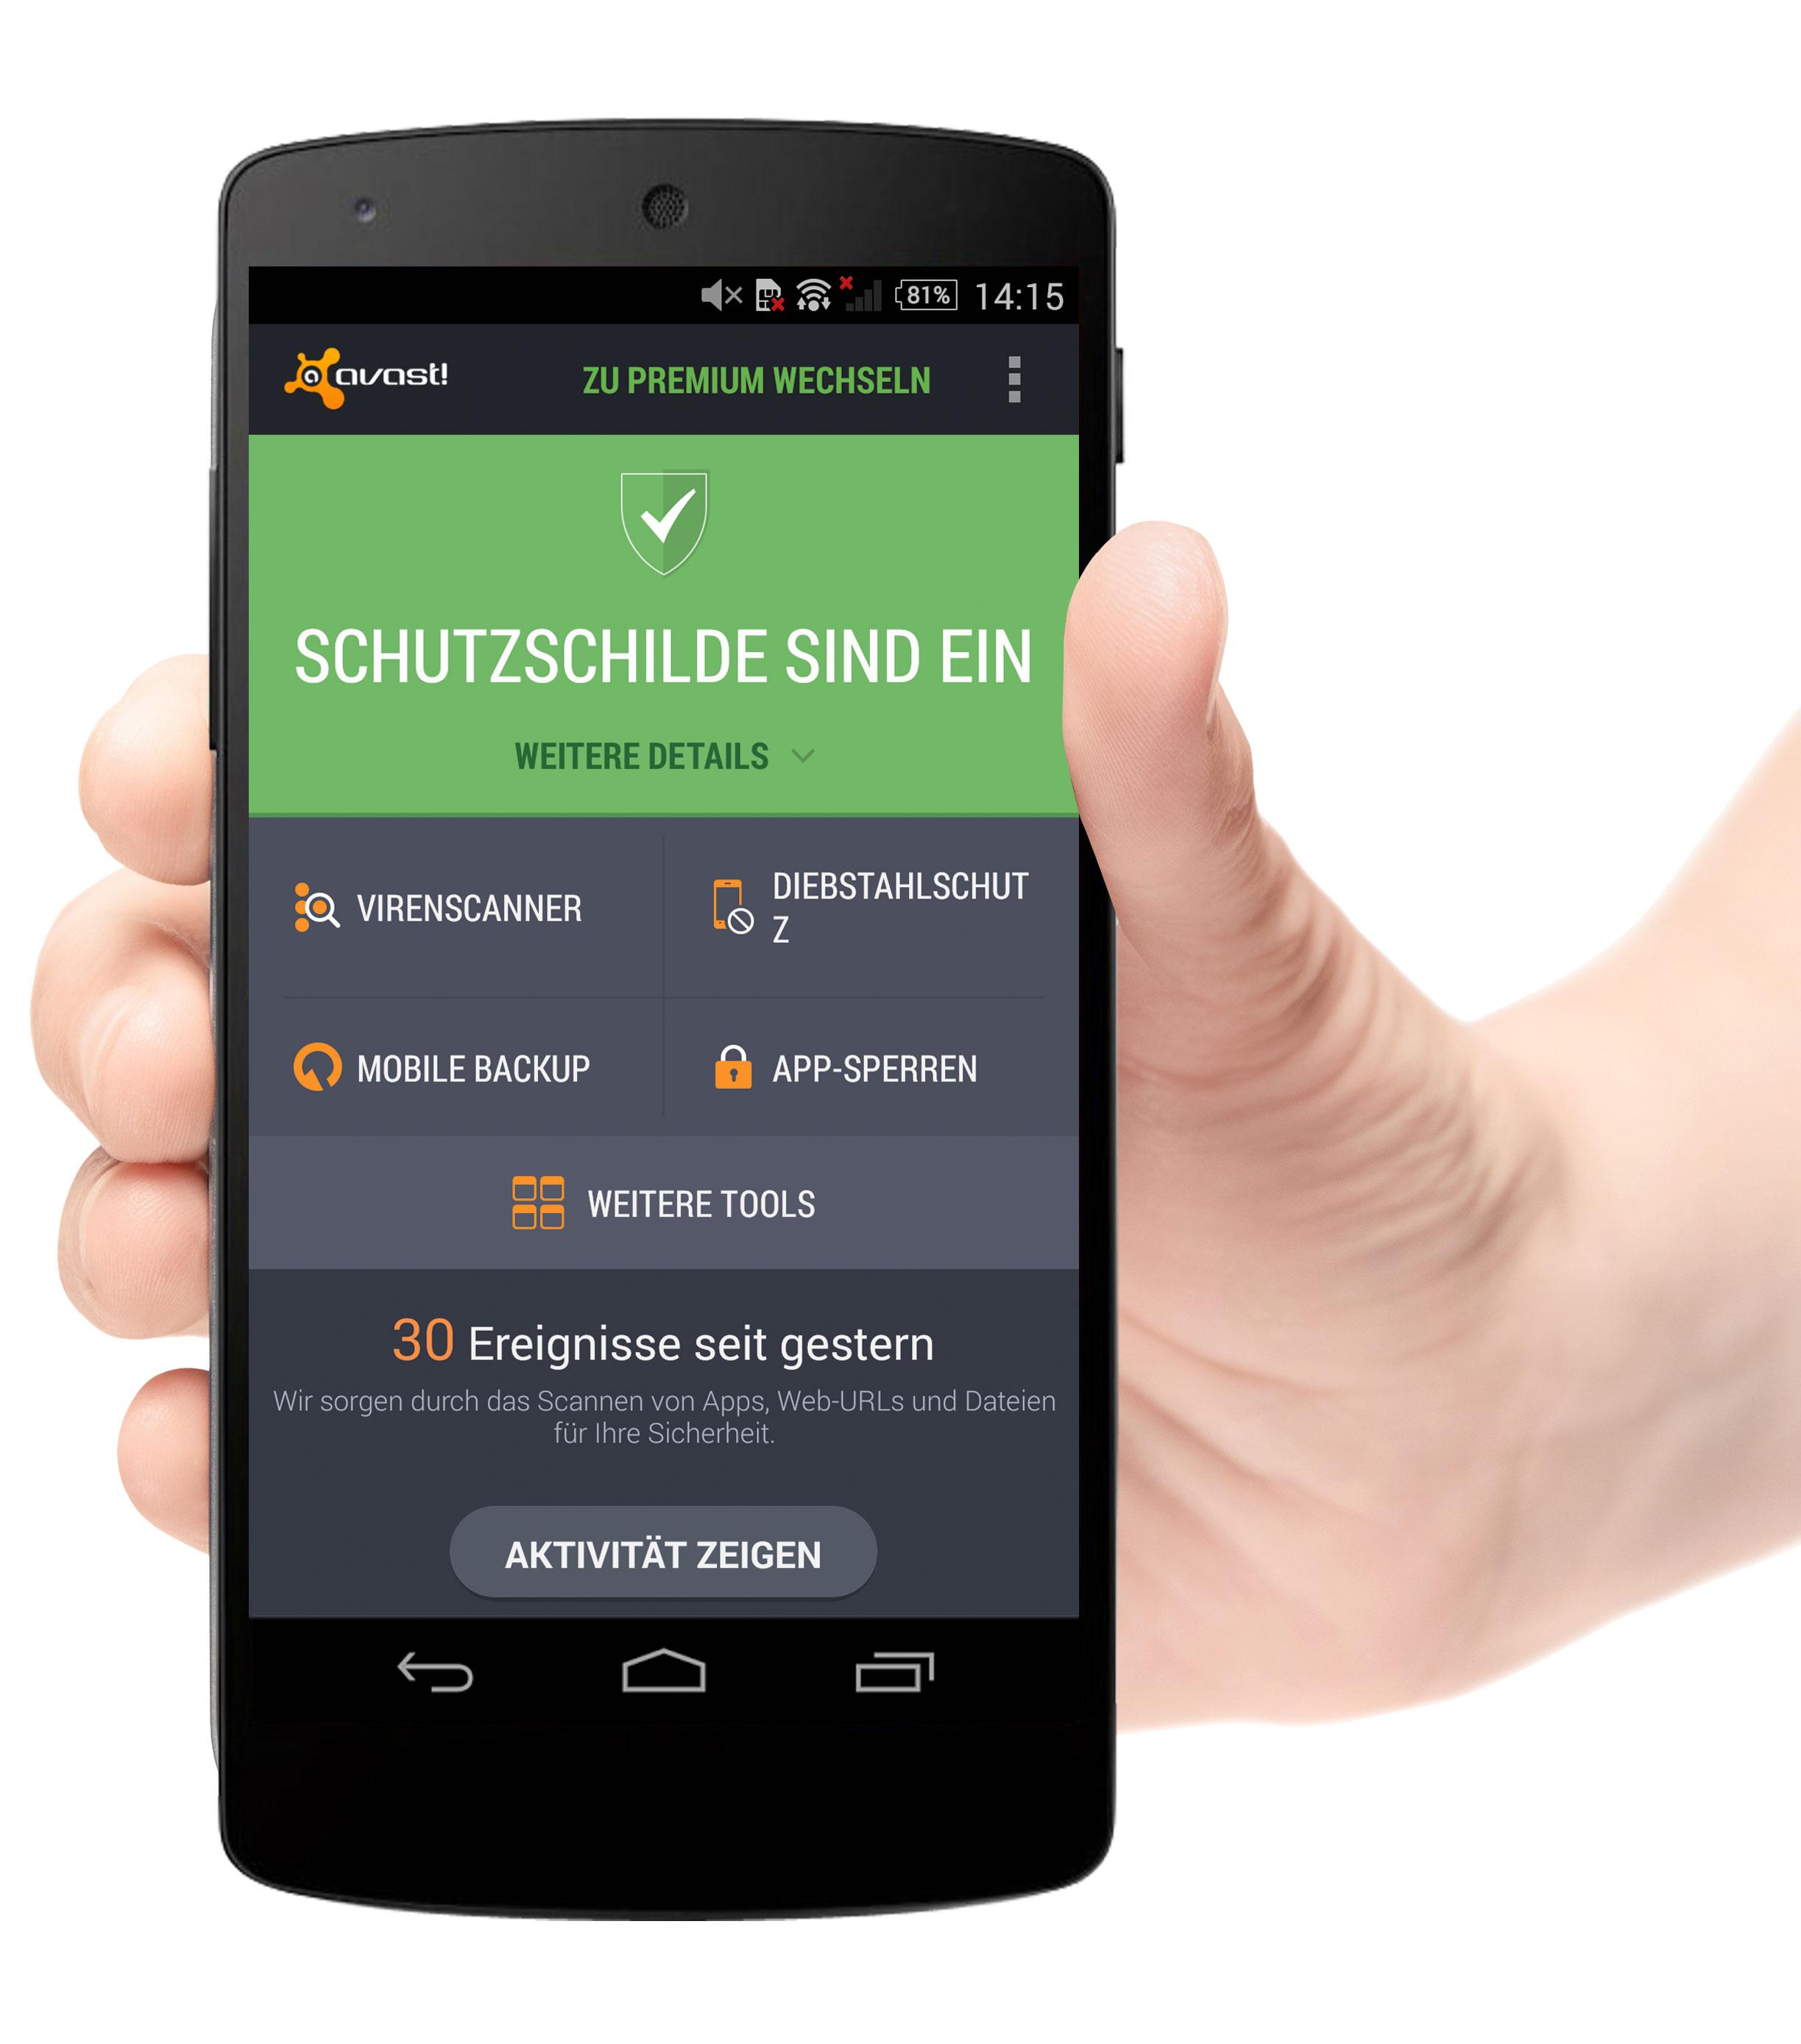 topliste smartphones